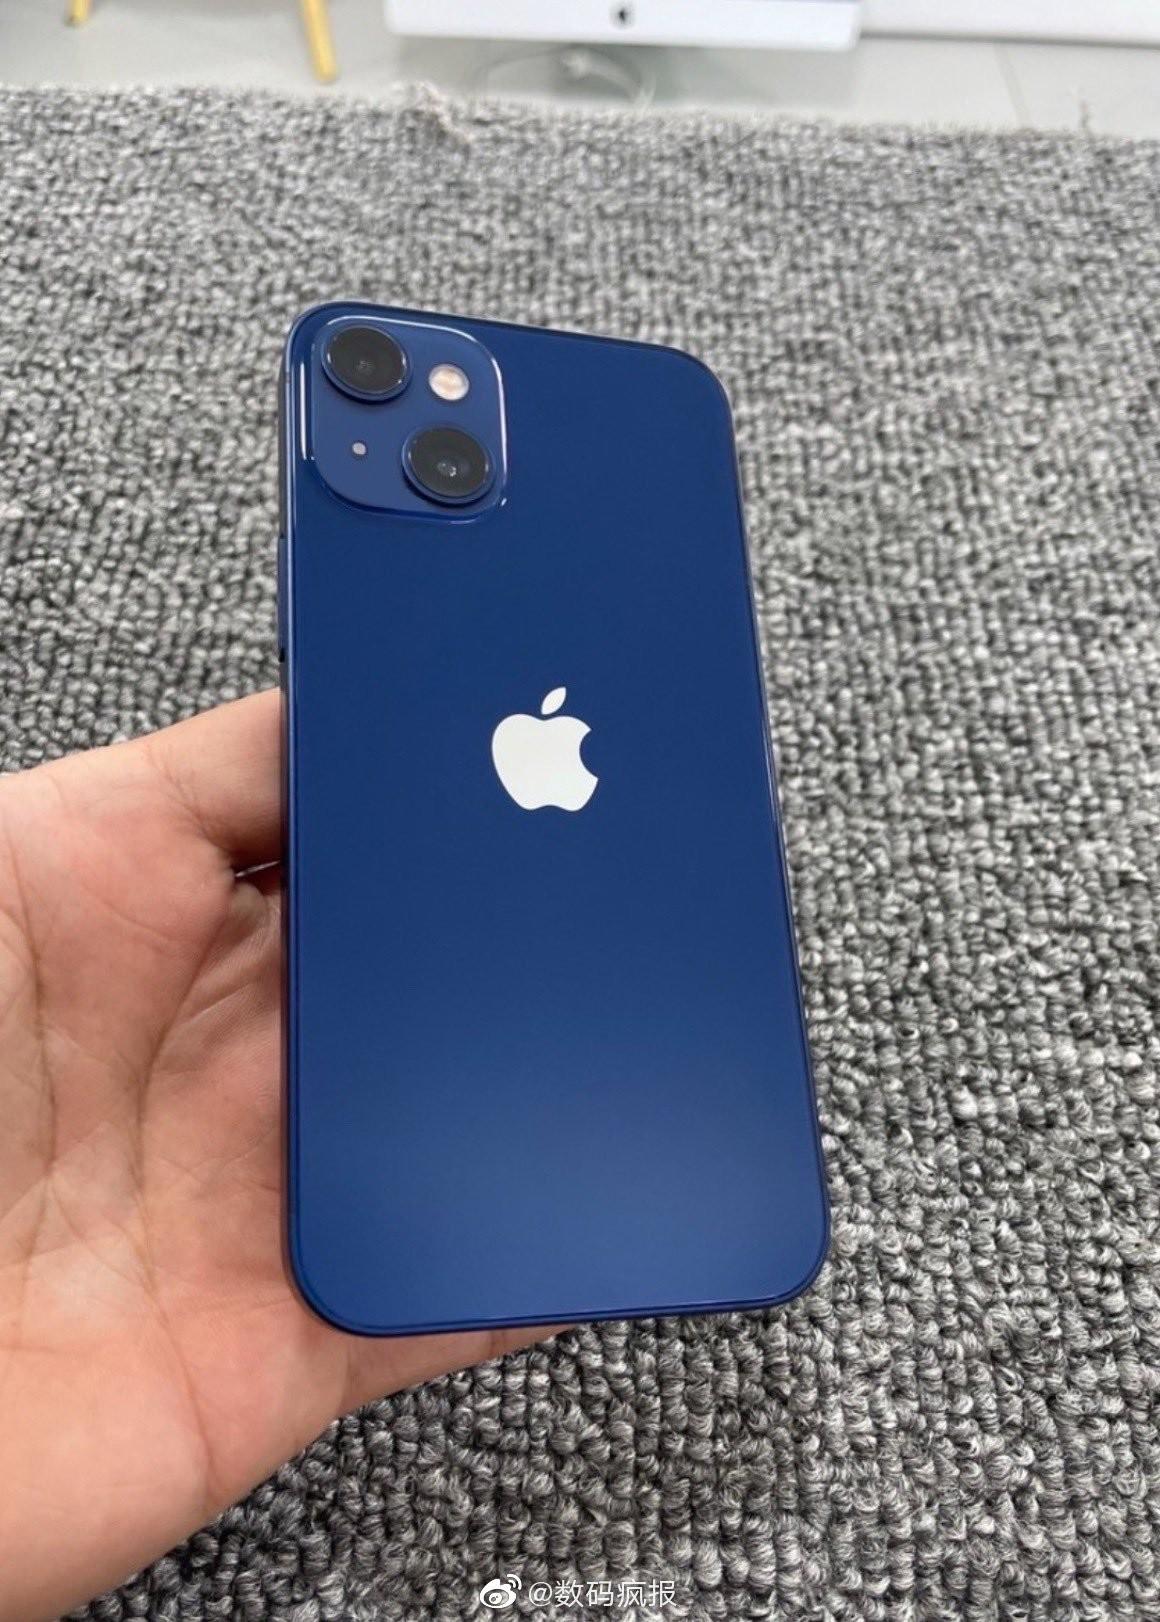 iPhone 13 mini 1 - iPhone 13 Mini: a prototype confirms the design of the dual photo sensor